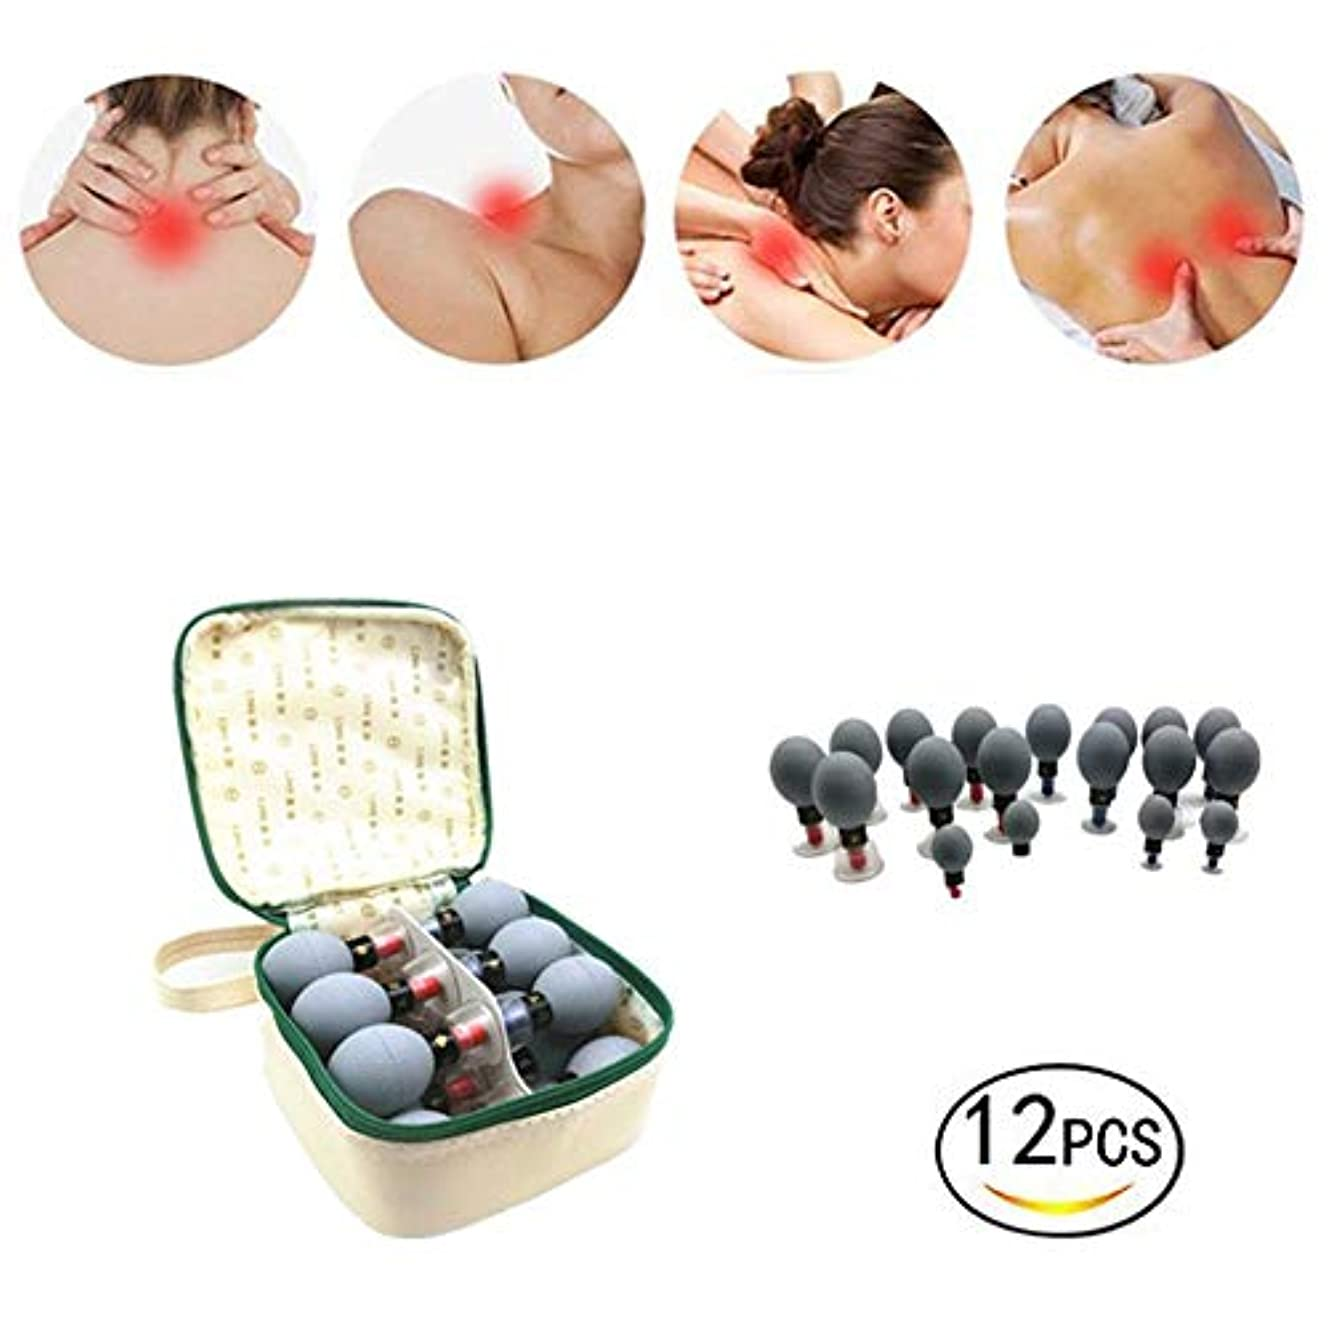 ピルフォルダ中級カッピングセット、サクションカップセットカッピング、鍼療法理学療法、マッサージ筋肉の関節痛緩和,12Pcs